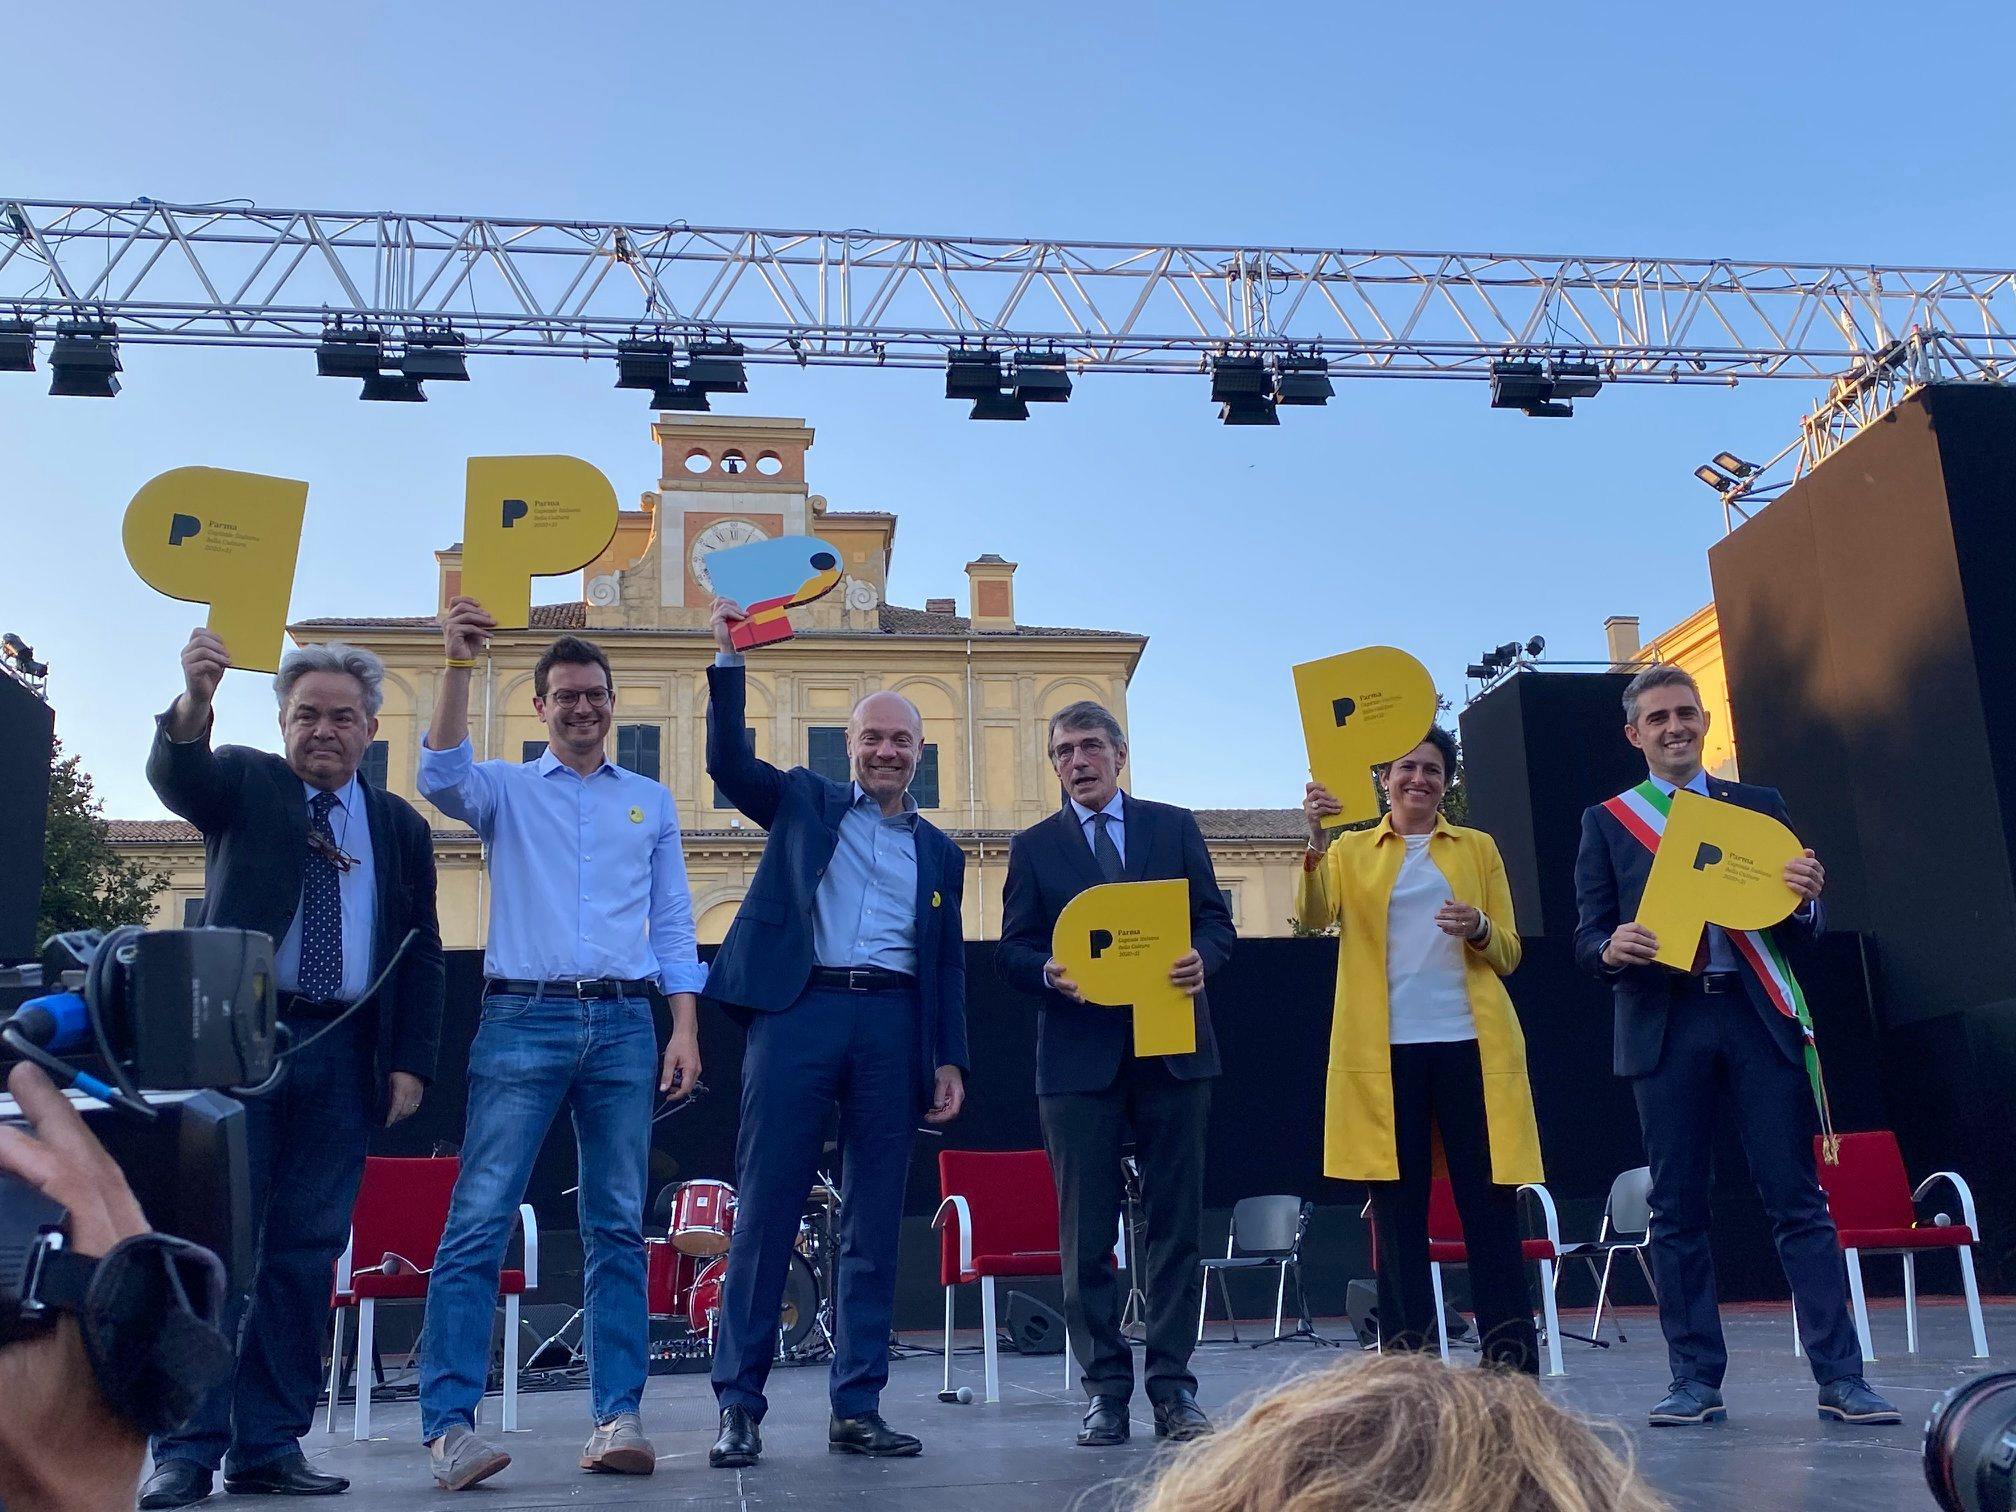 Parma 2020+21 - Ripartenza